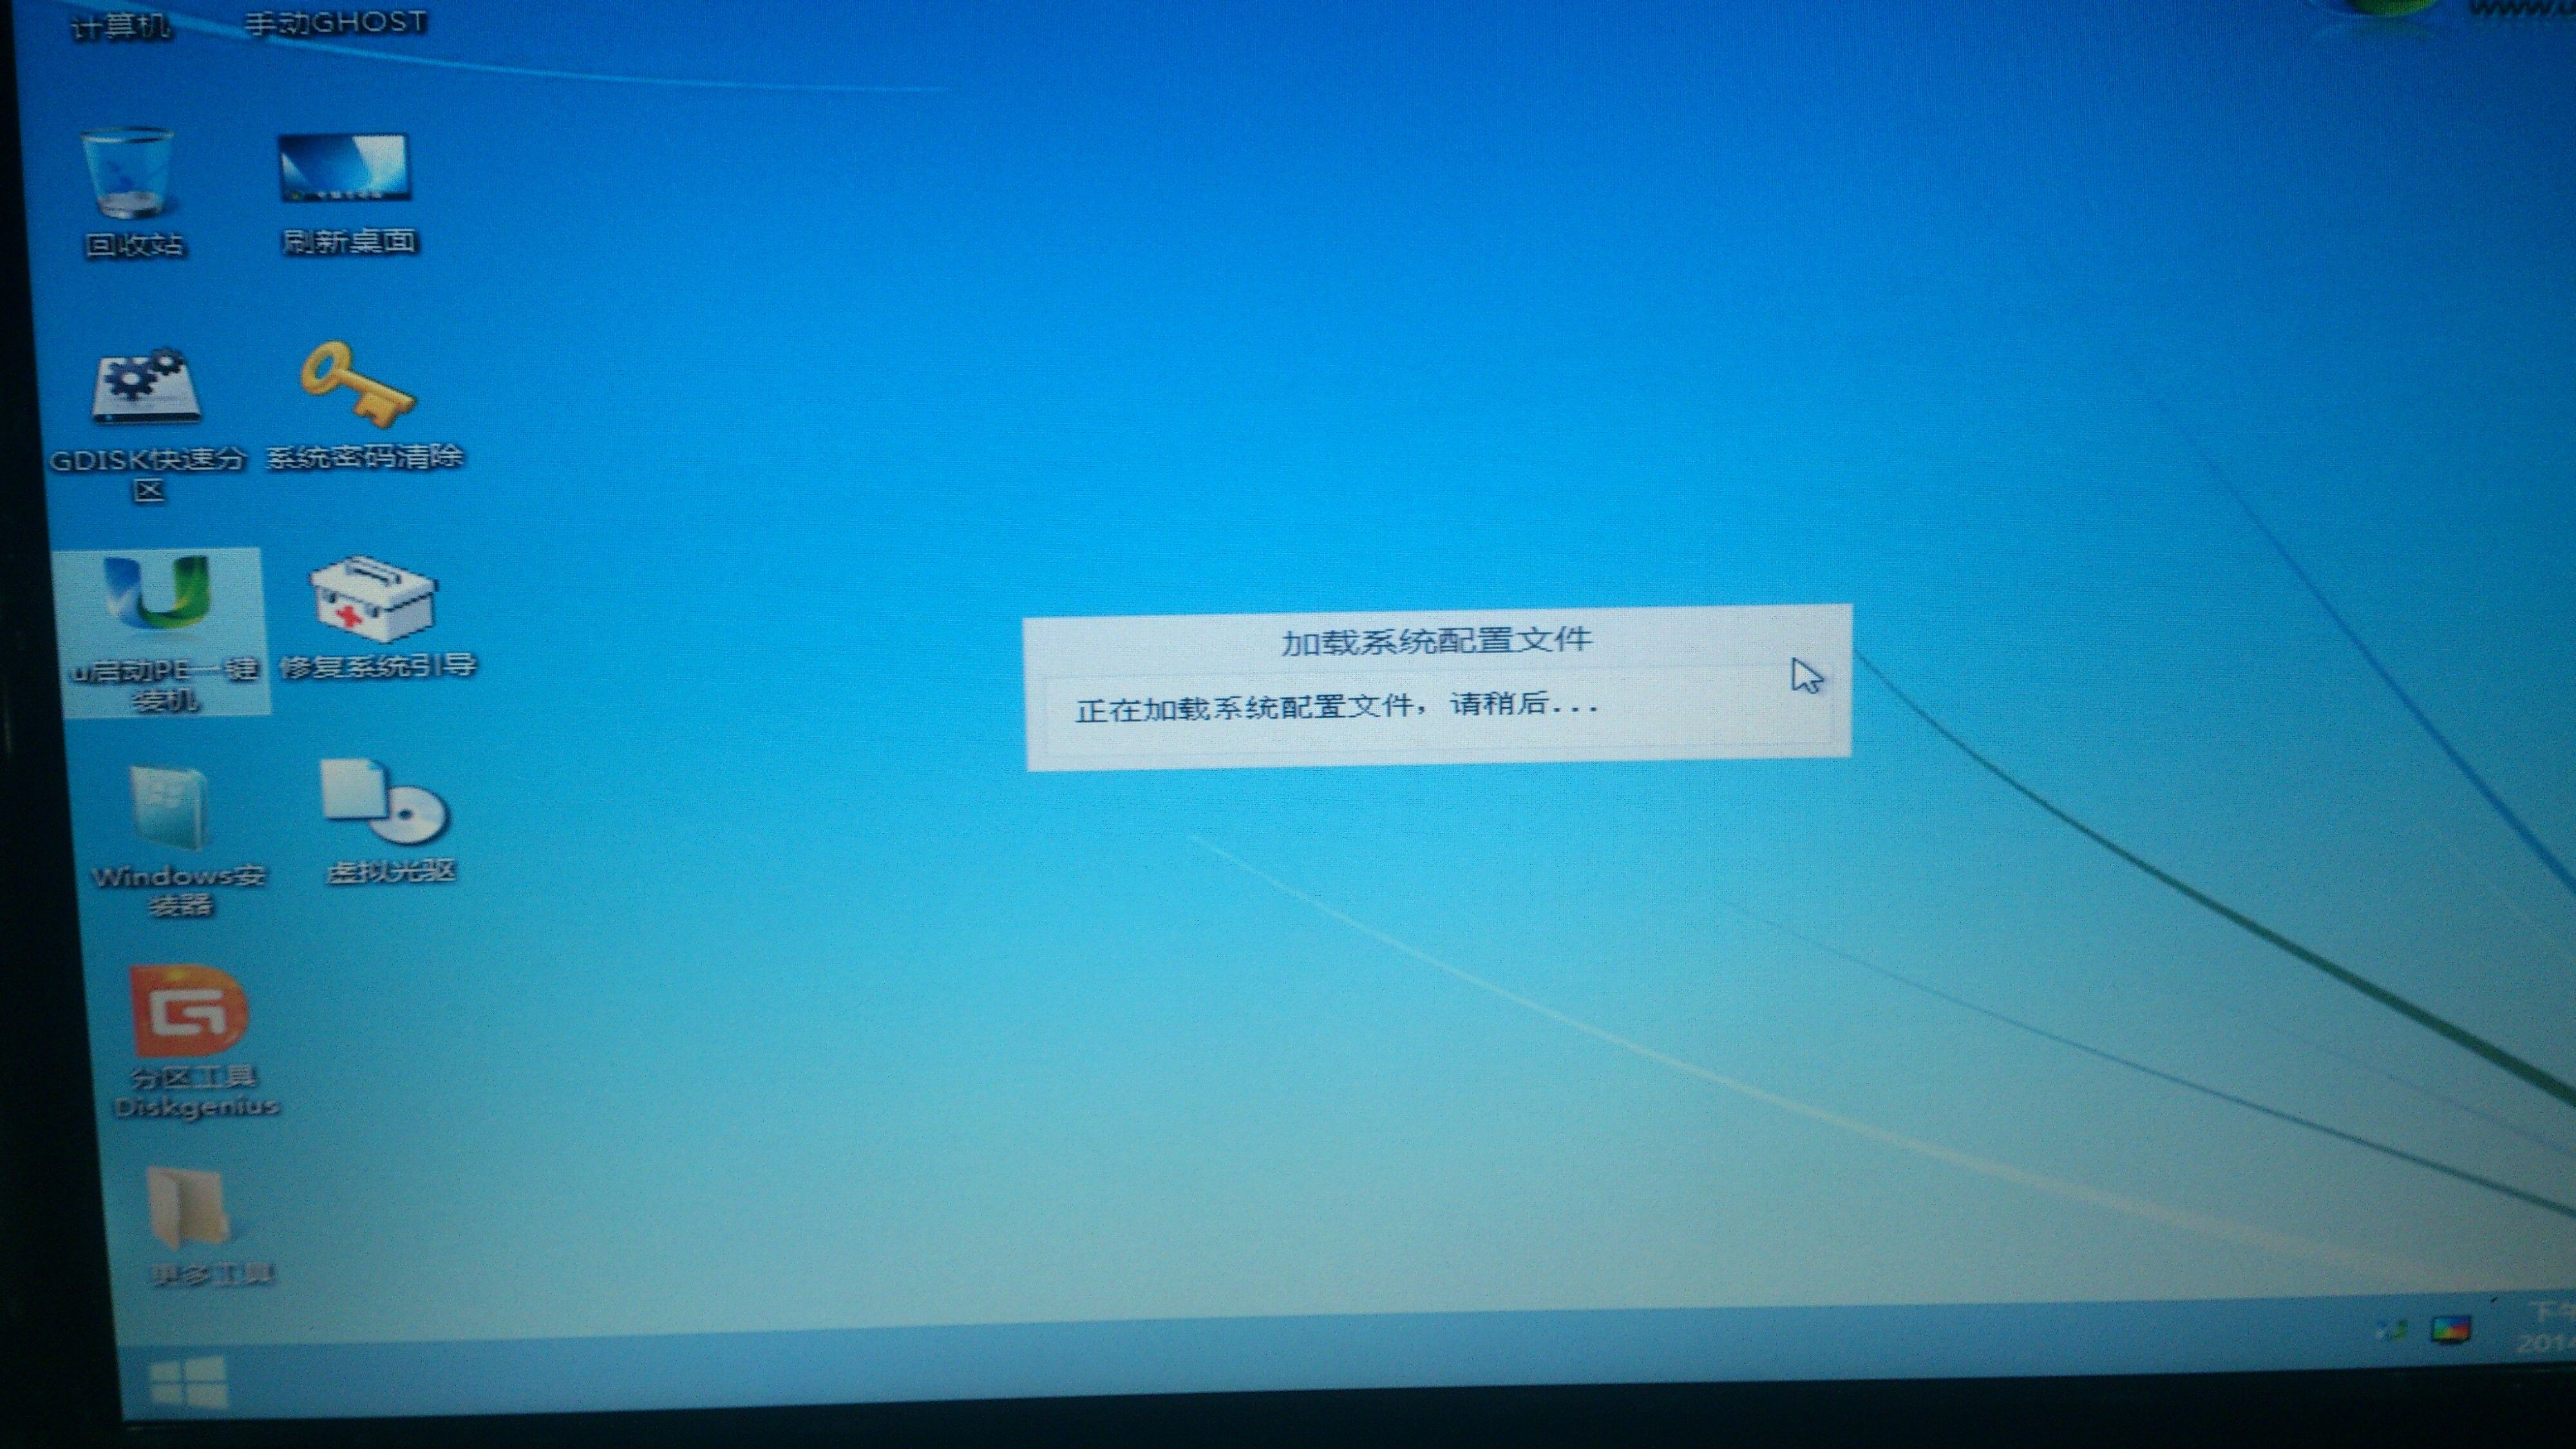 神舟笔记本,u盘装系统,进入winpe后解压系统重启后无法进入系统.